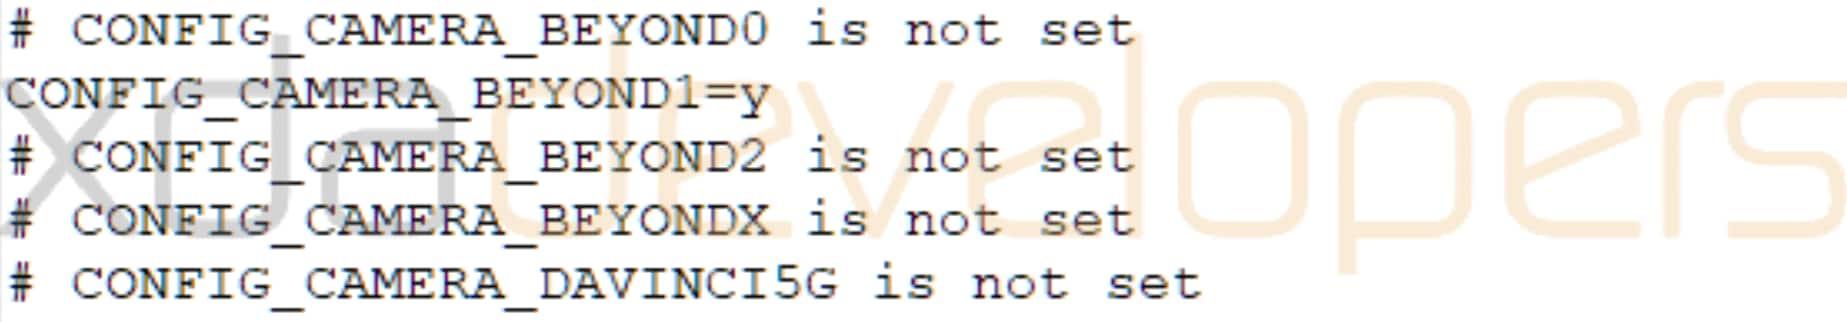 Samsung-Galaxy-Note-10-5G-leak-1